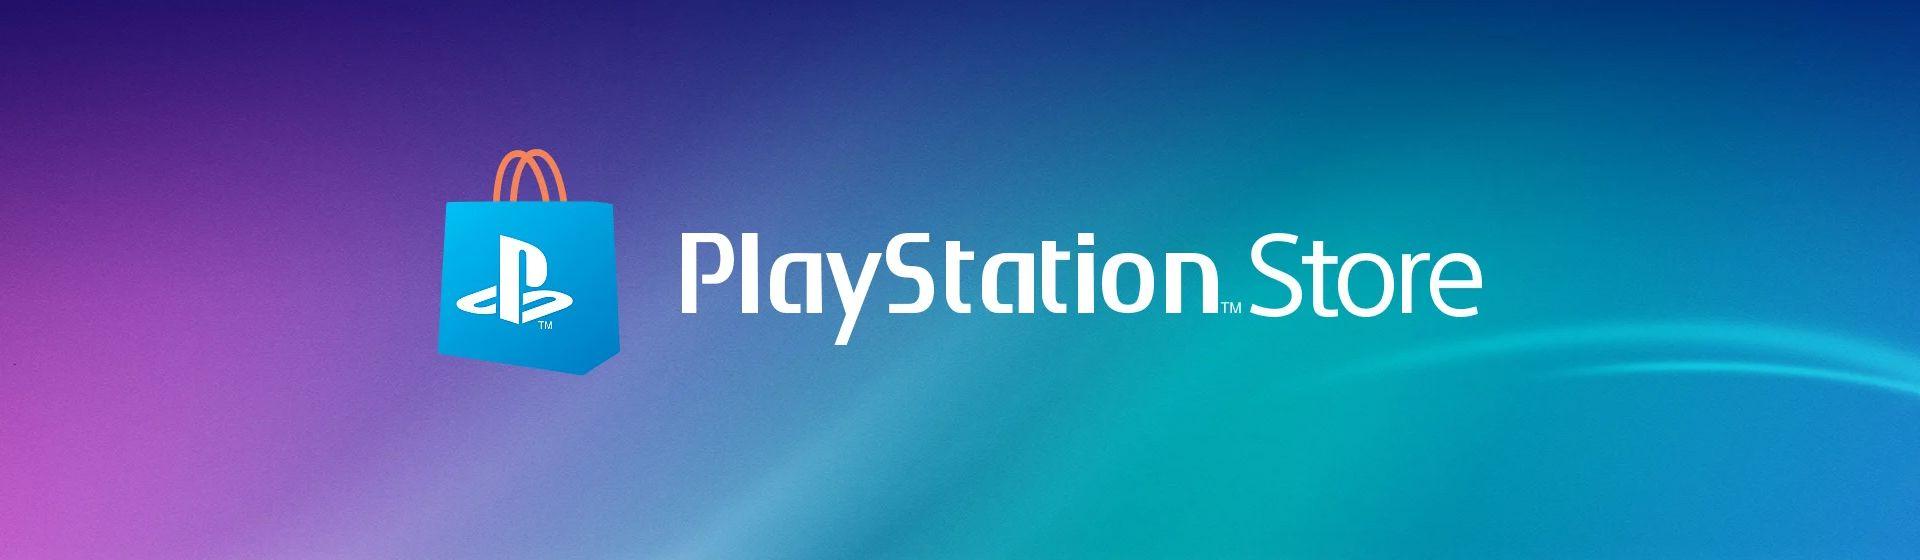 PS4: promoção de Halloween tem descontos de até 80% em jogos